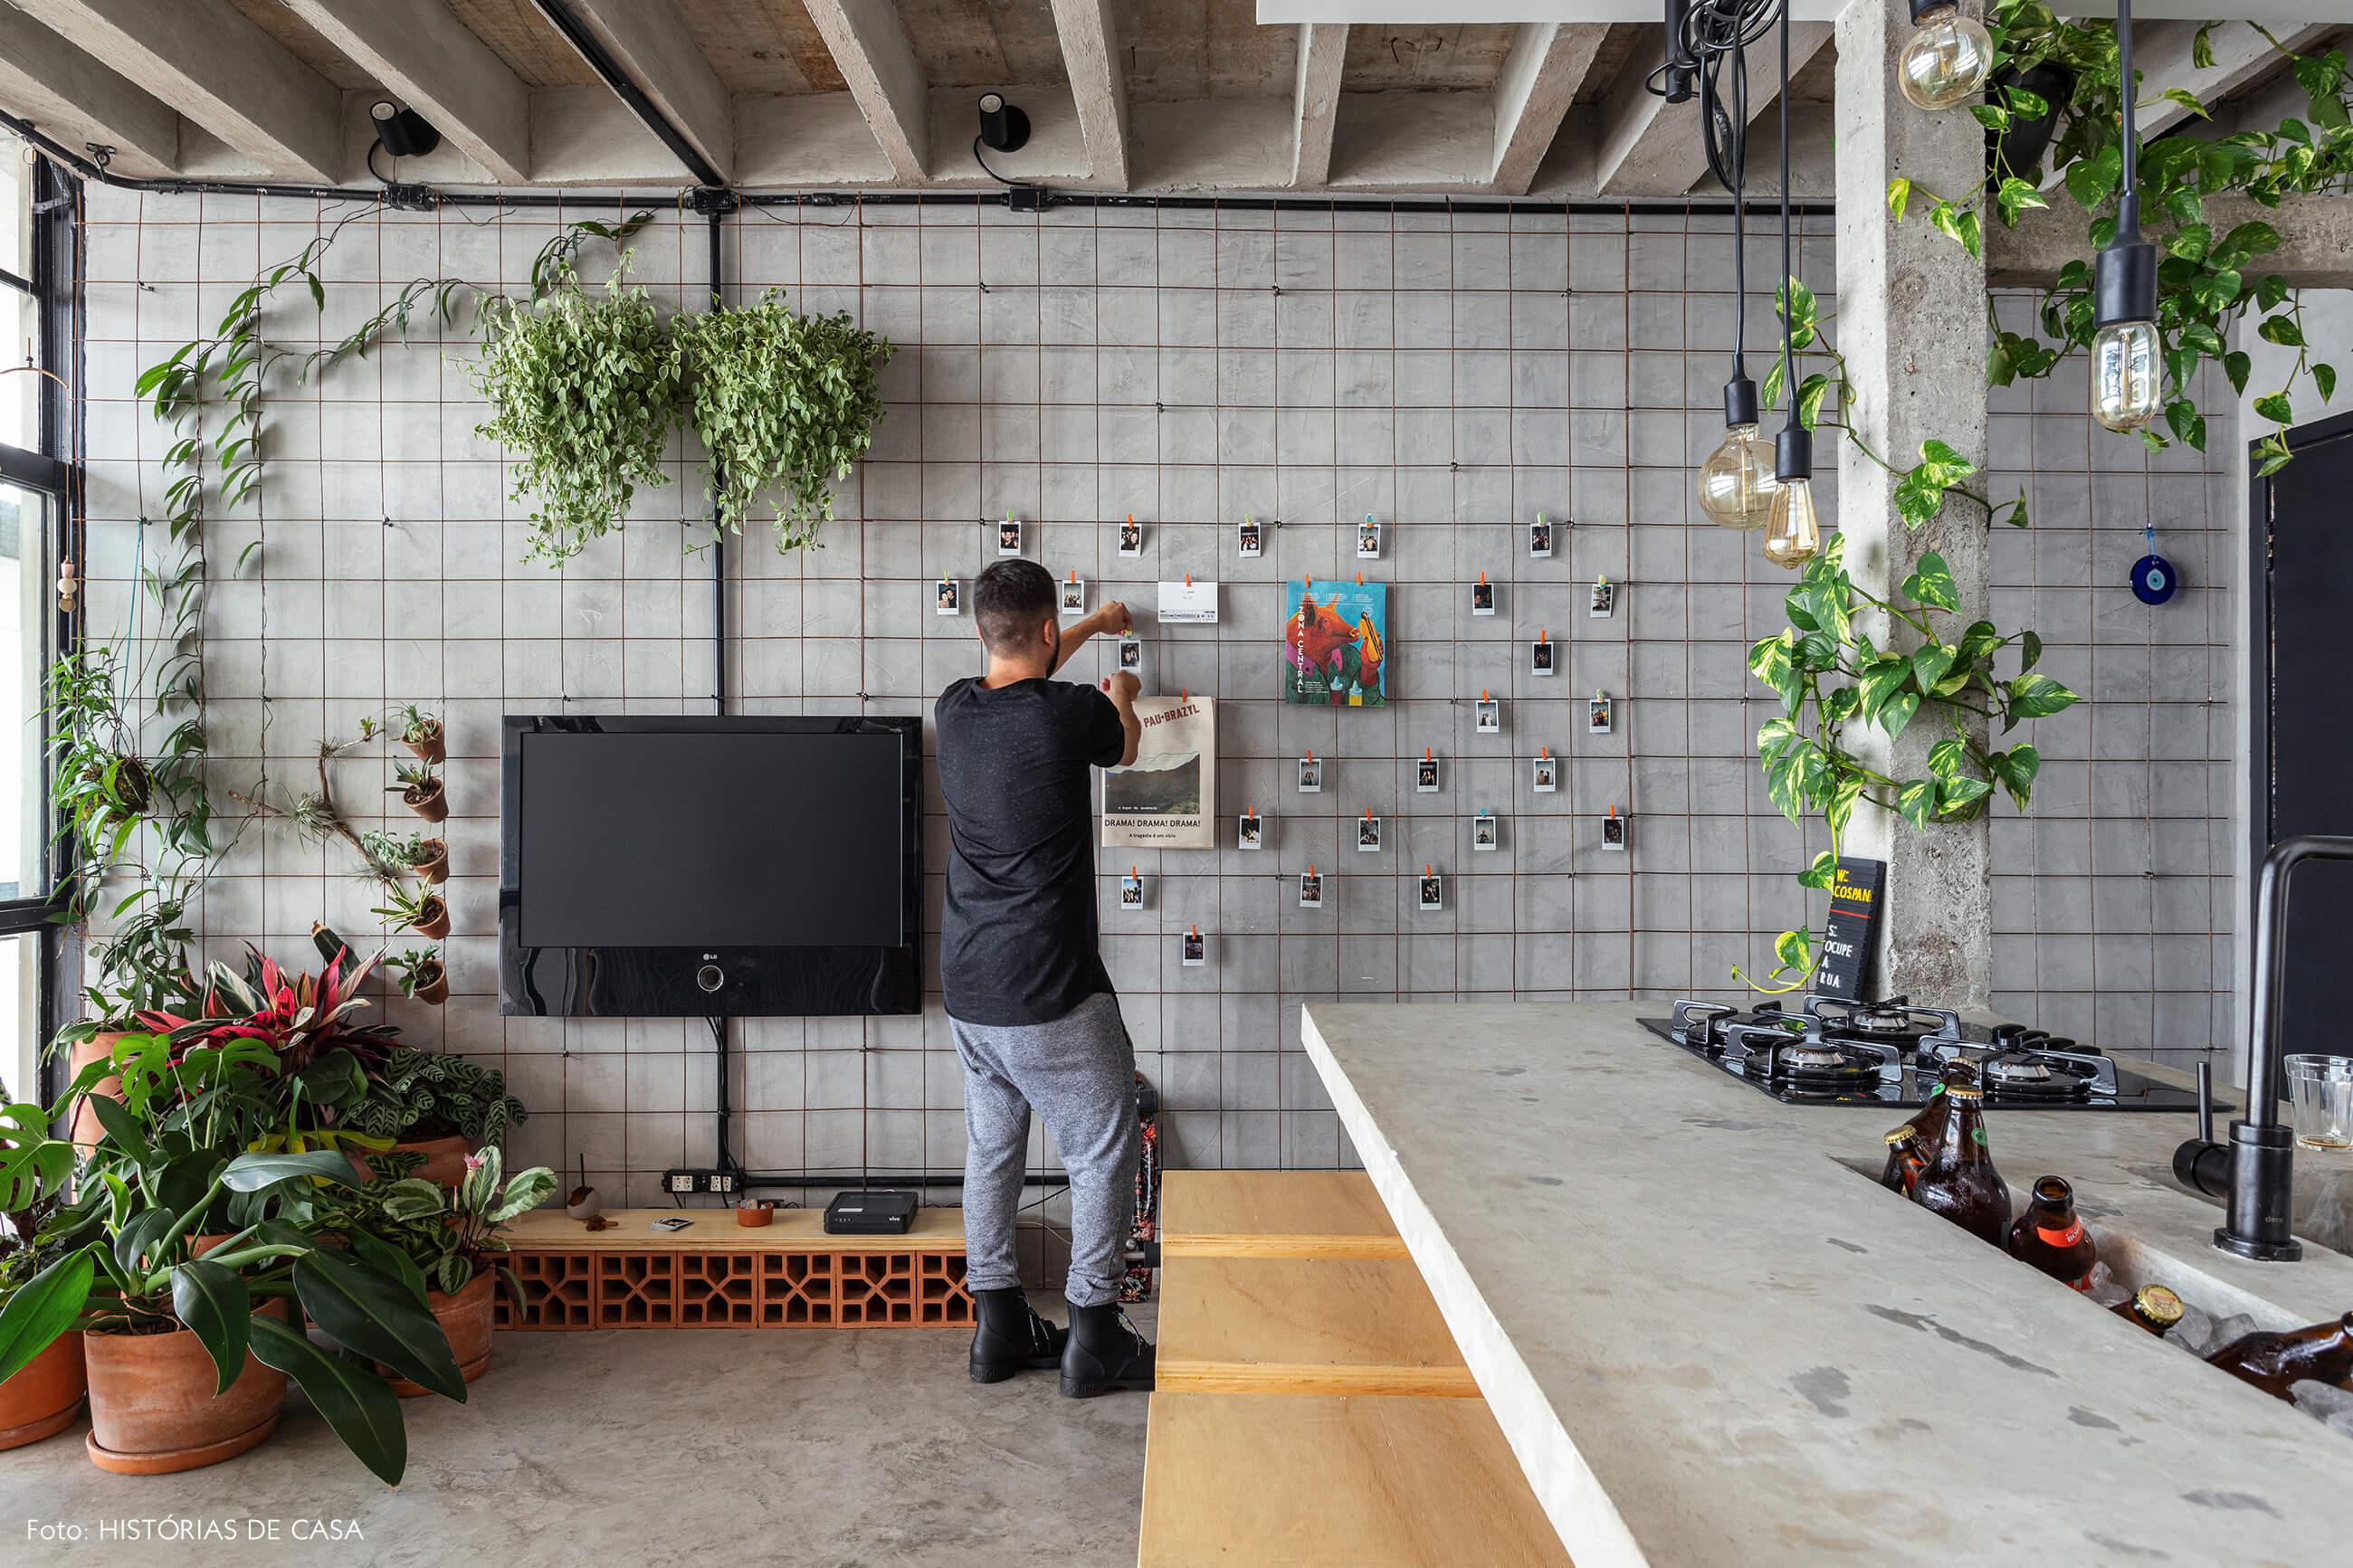 Apartamento pequeno no Copan, parede com tela metálica para fotos e plantas